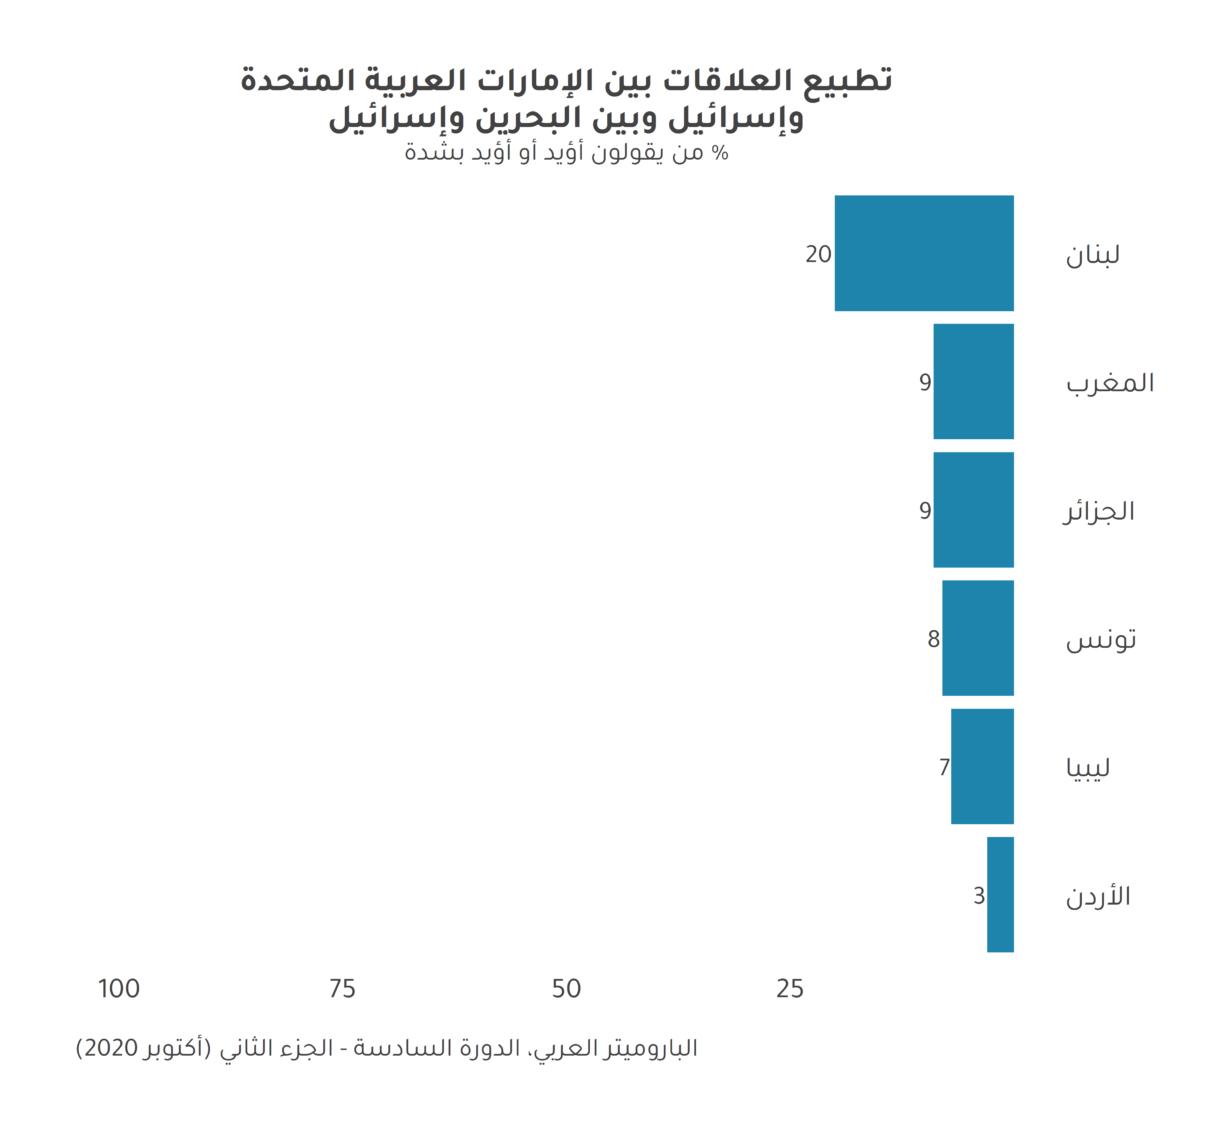 قياس نبض العرب حول تطبيع العلاقات مع اسرائيل